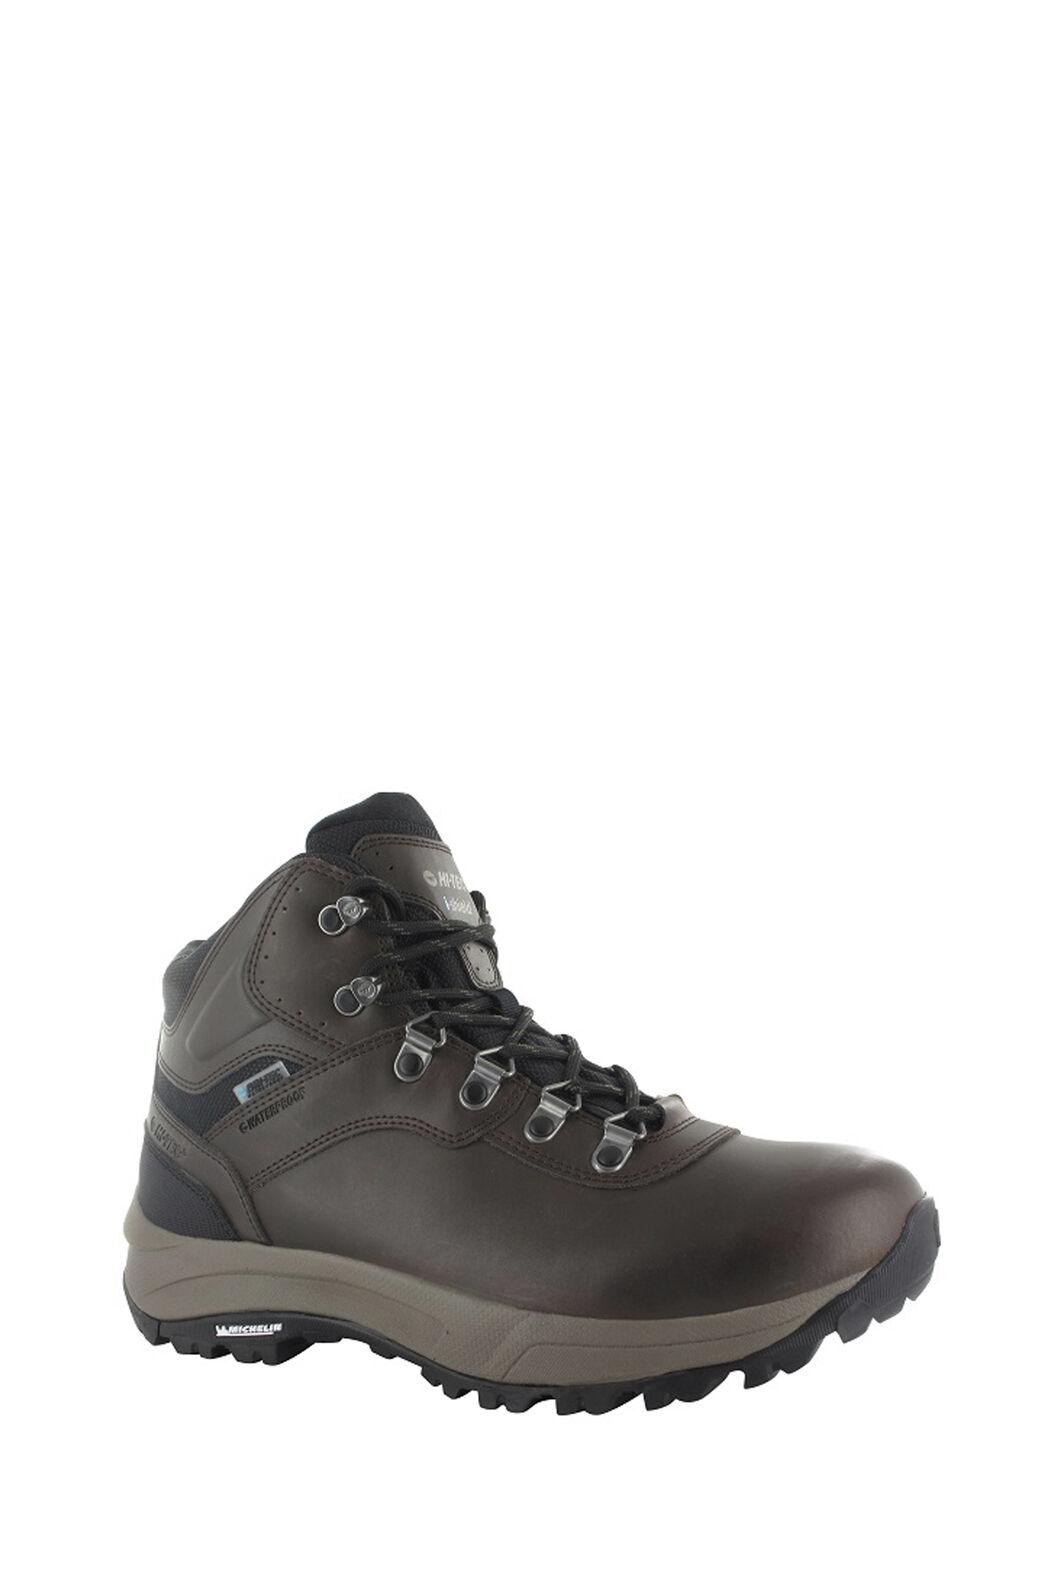 Hi-Tec Altitude VI I WP Hiking Boots — Men's, Dark Chocolate, hi-res